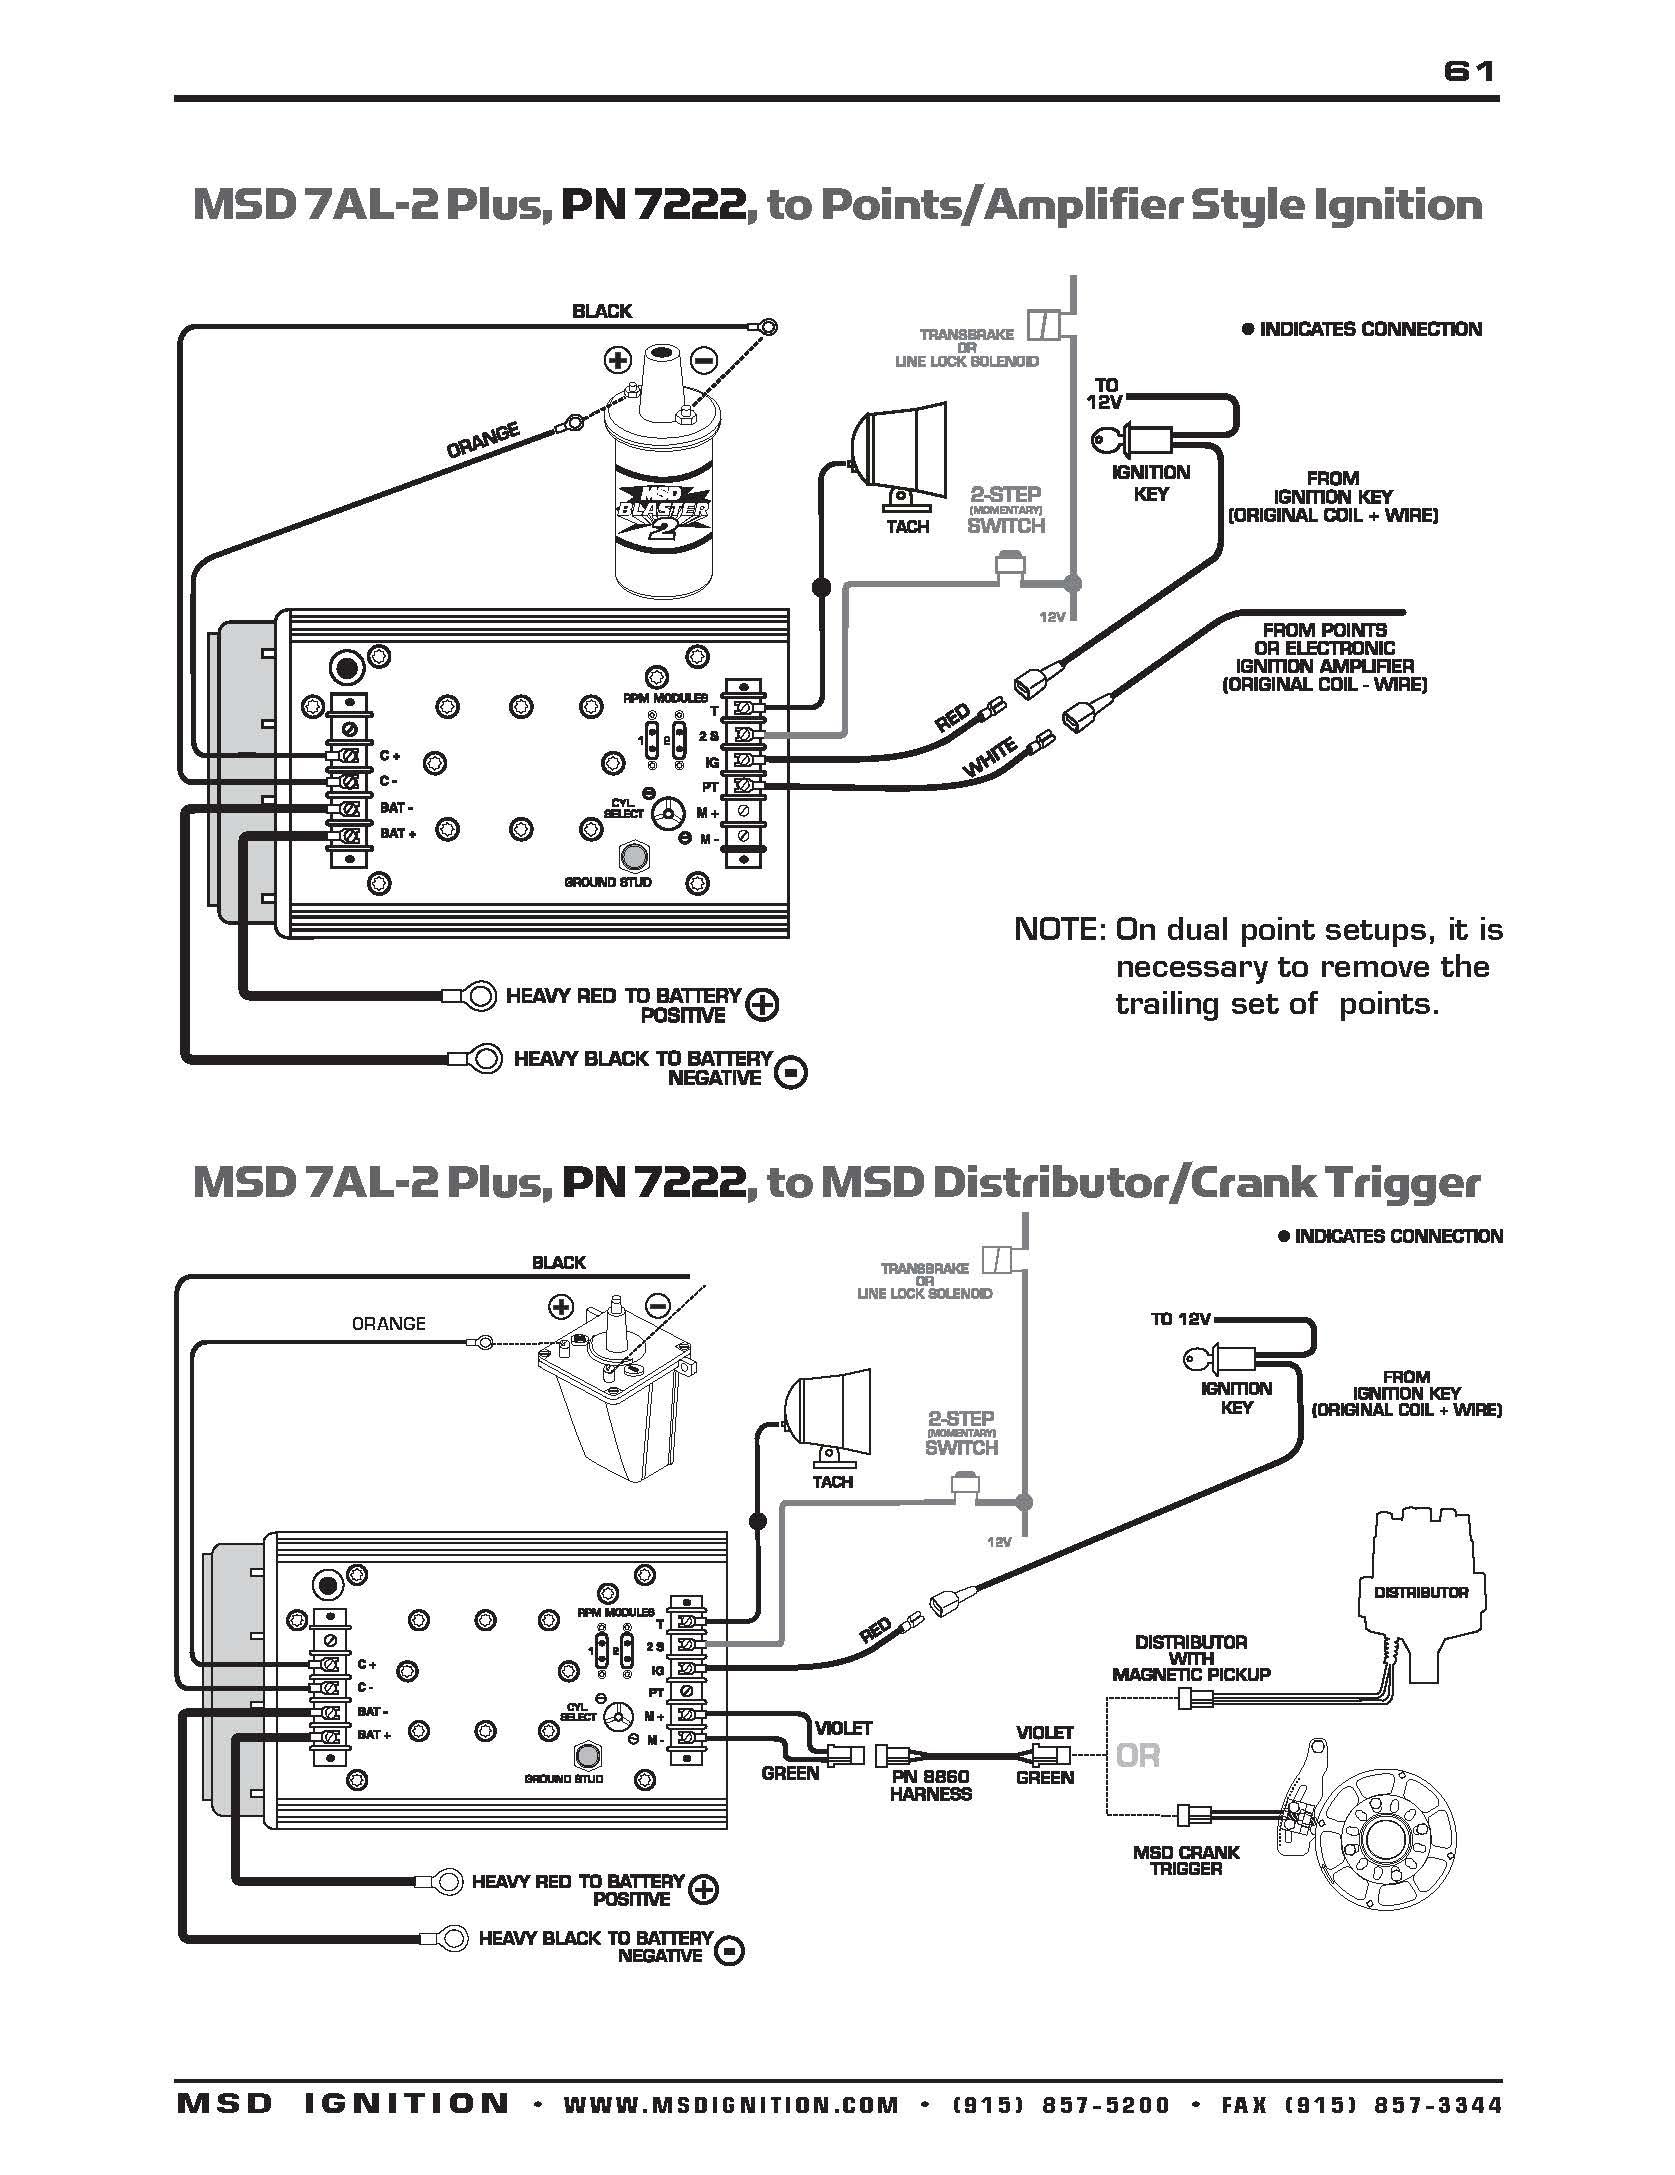 ford 460 msd 7al wiring diagram ce 9744  duraspark 11 wiring diagram free diagram  ce 9744  duraspark 11 wiring diagram